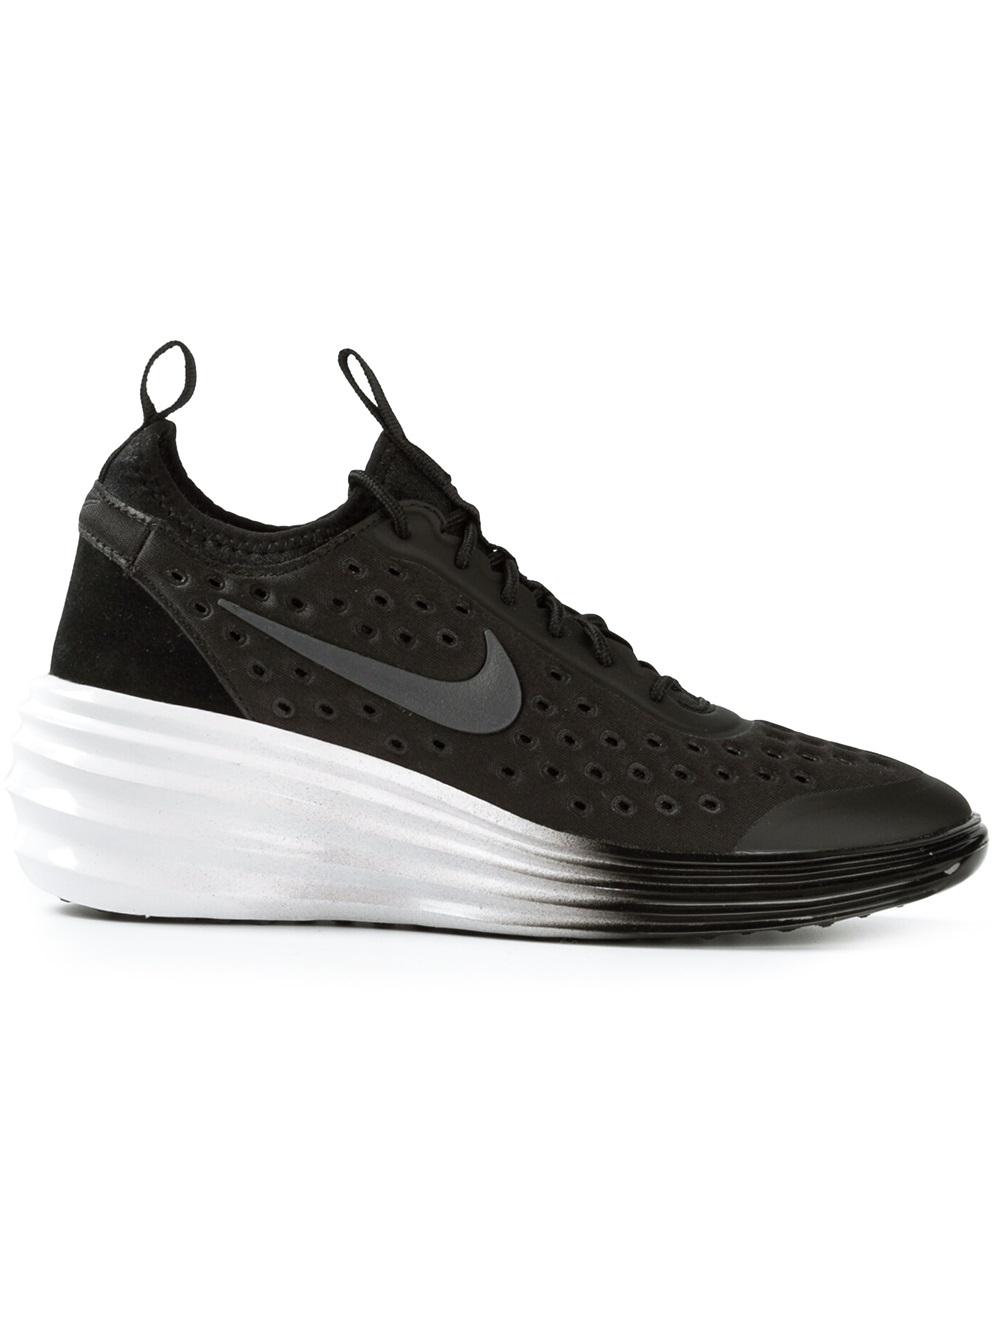 d78bc1f62627 Lyst - Nike Lunarelite Sky Hi Trainers in Black